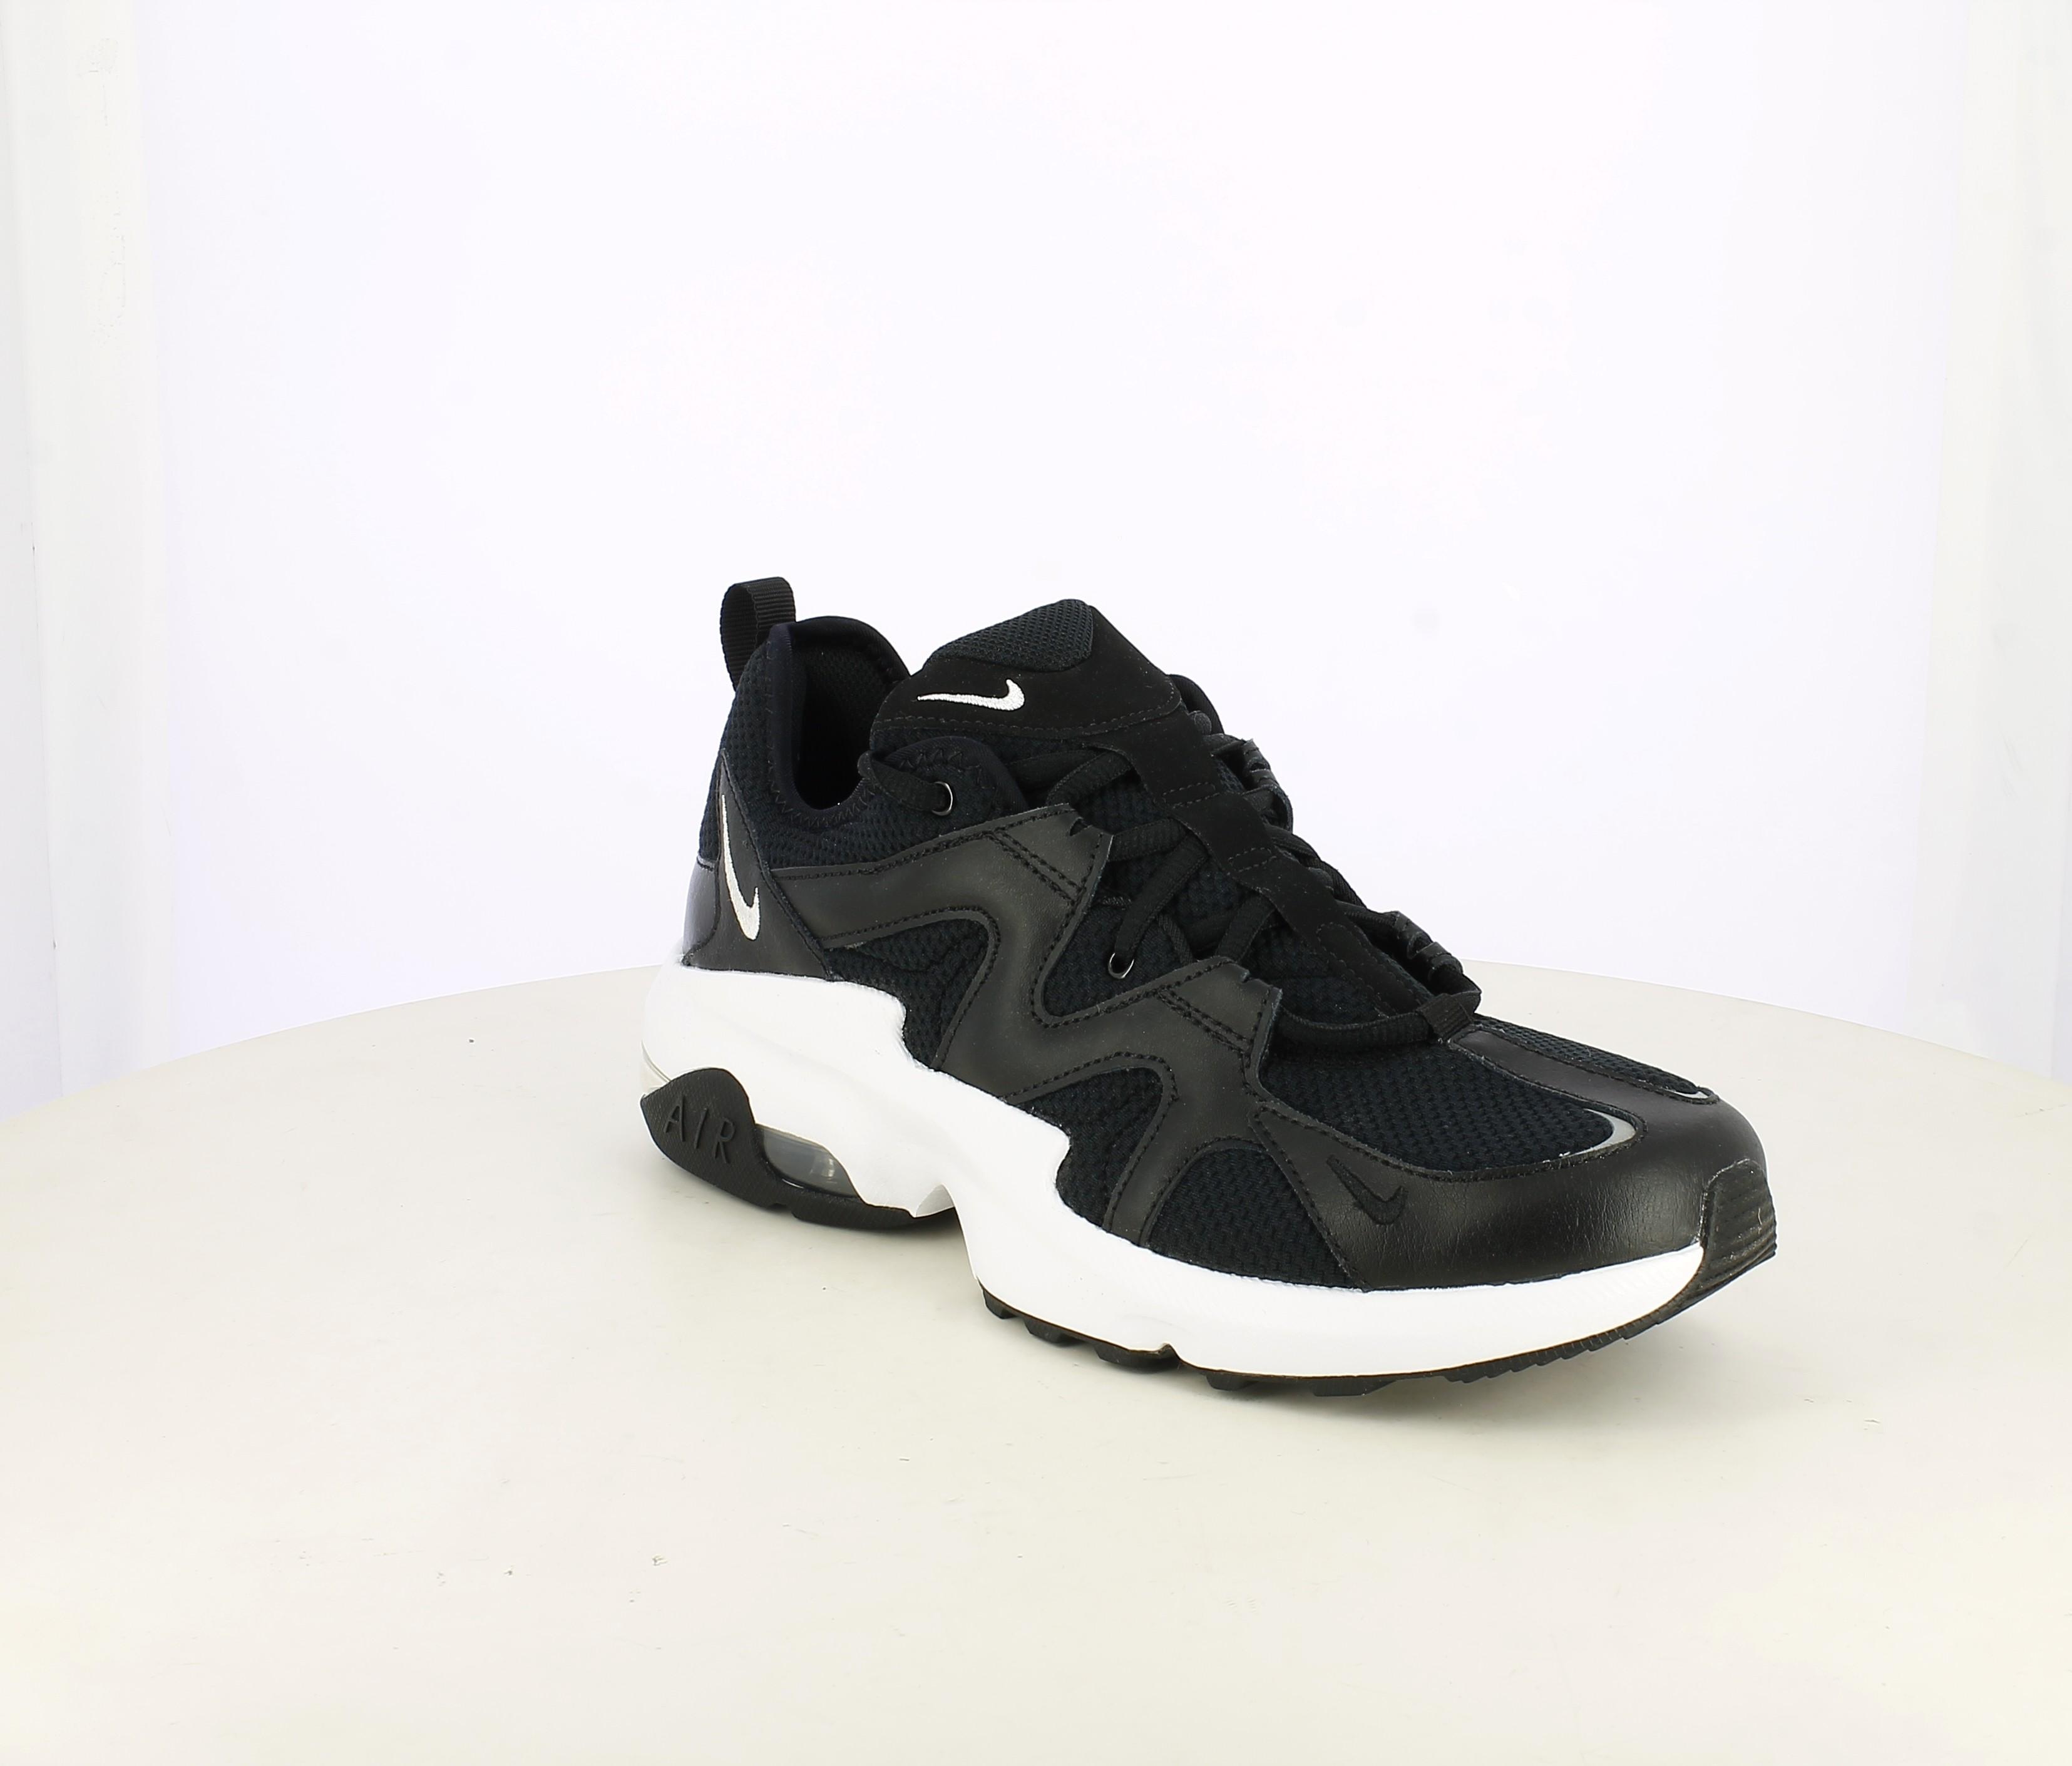 Premisa activación profundo  Zapatillas deportivas air max graviton negras con suela blanca Nike |  Querol online